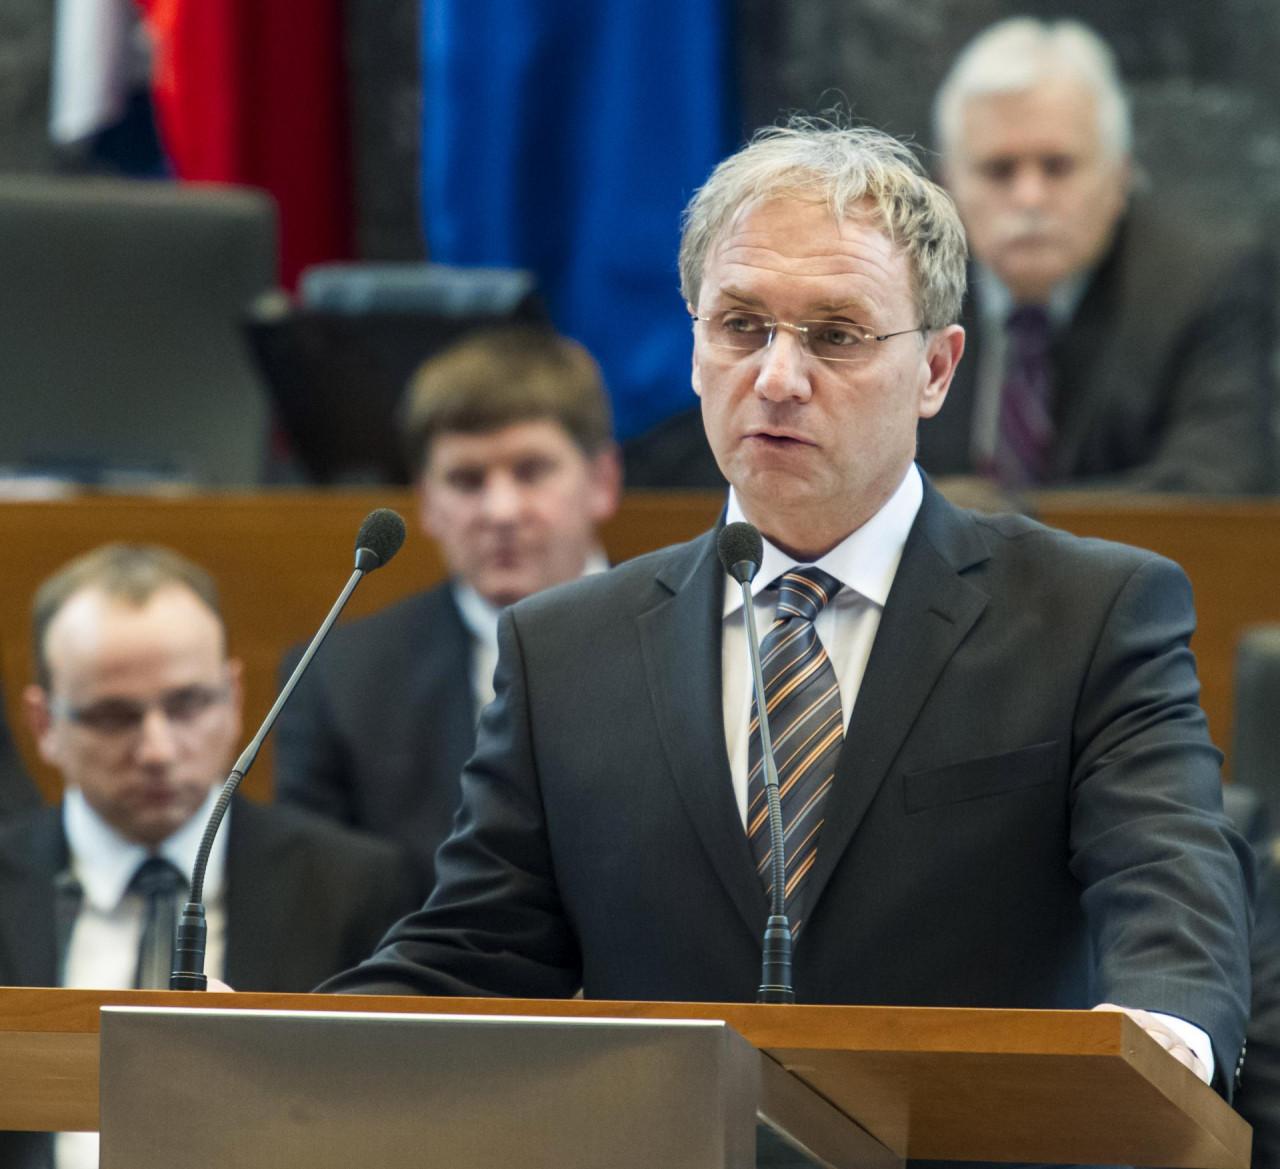 Šok na presici: Slovenski ministar unutarnjih poslova i šef policije podnijeli ostavke